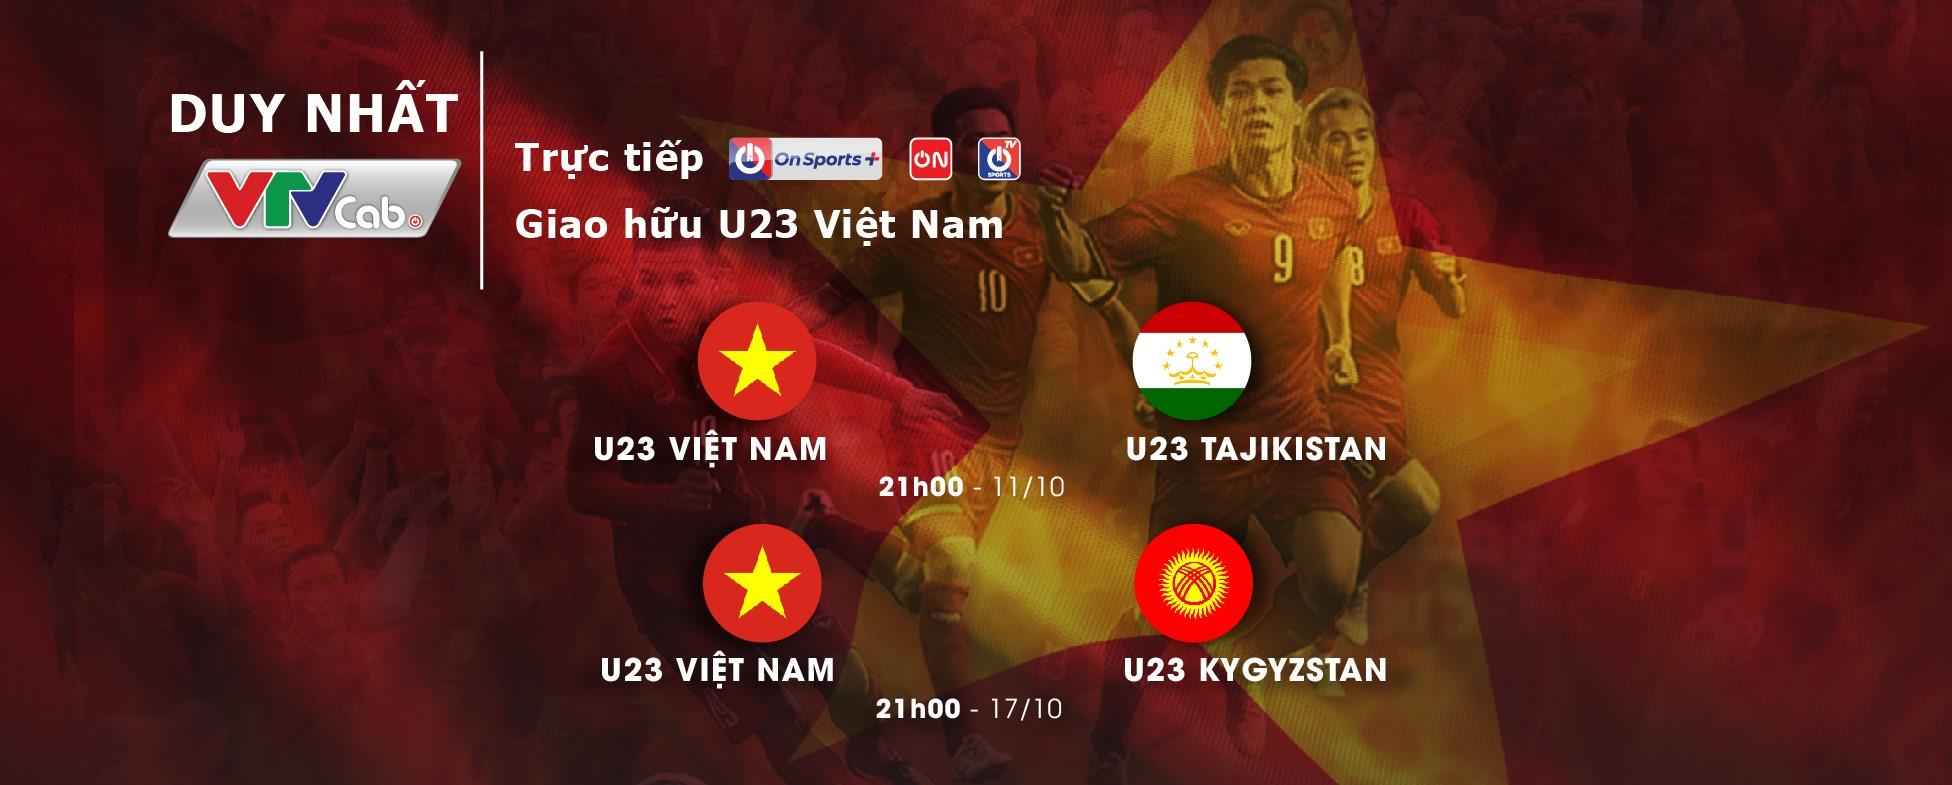 HLV Park điều chuyển trung vệ Nguyễn Thanh Bình - 1